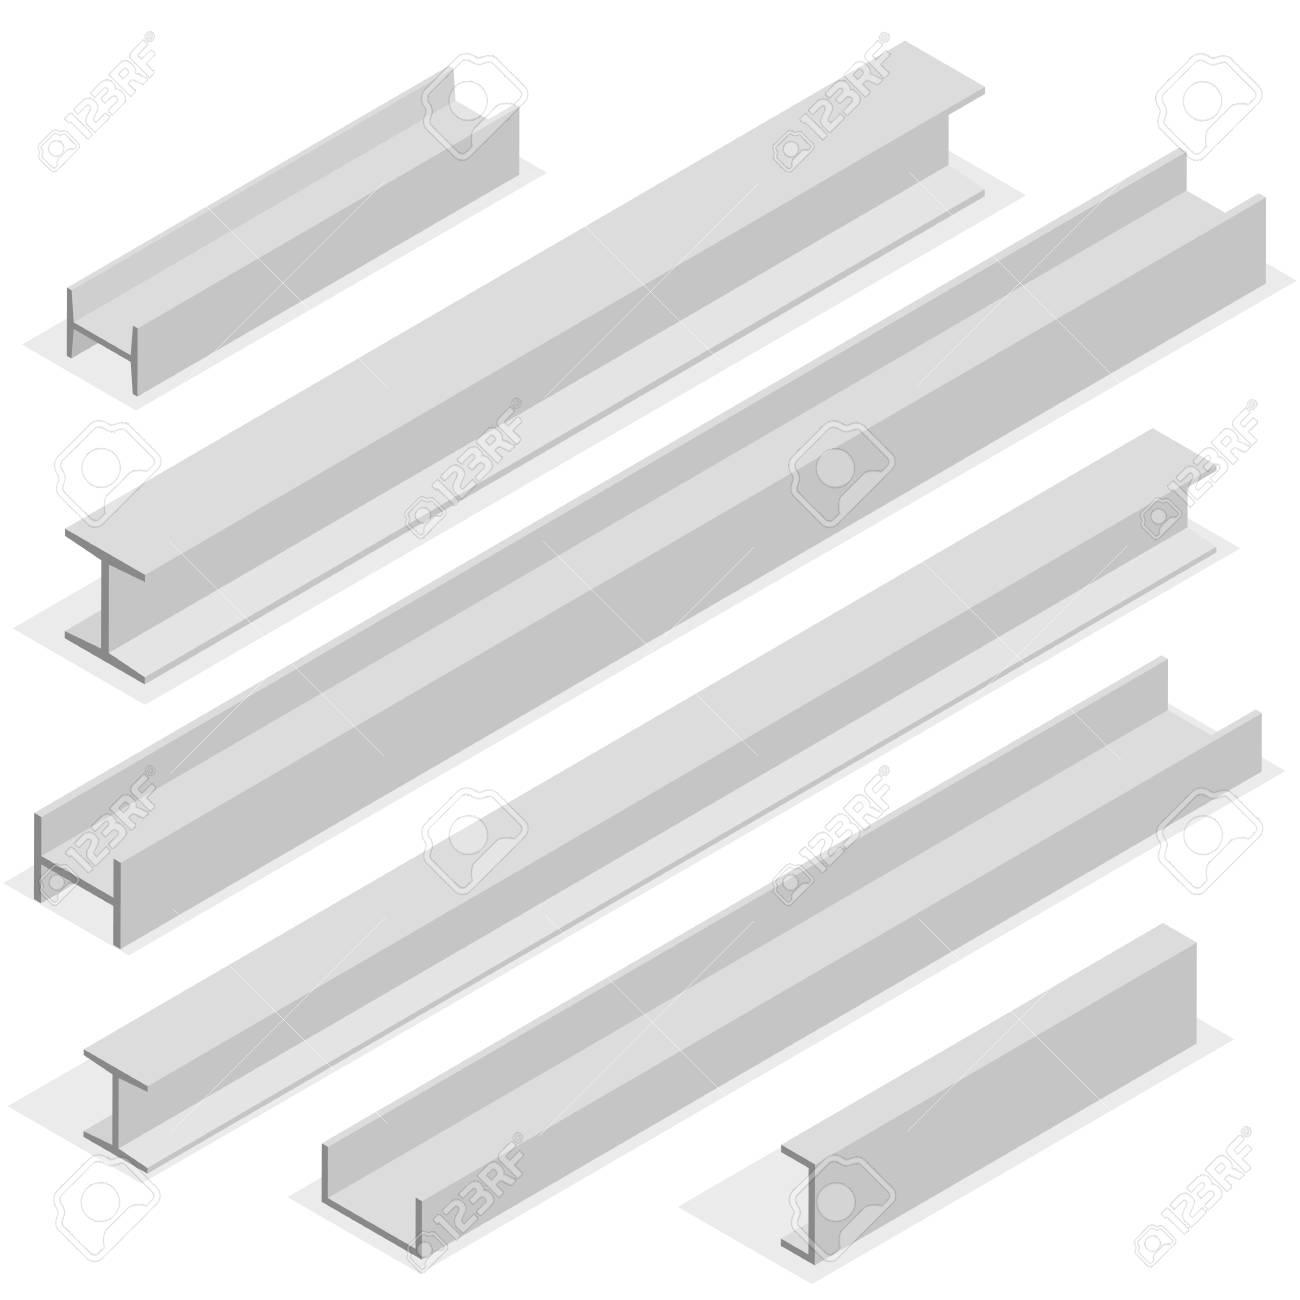 Precios de vigas de acero para construccion